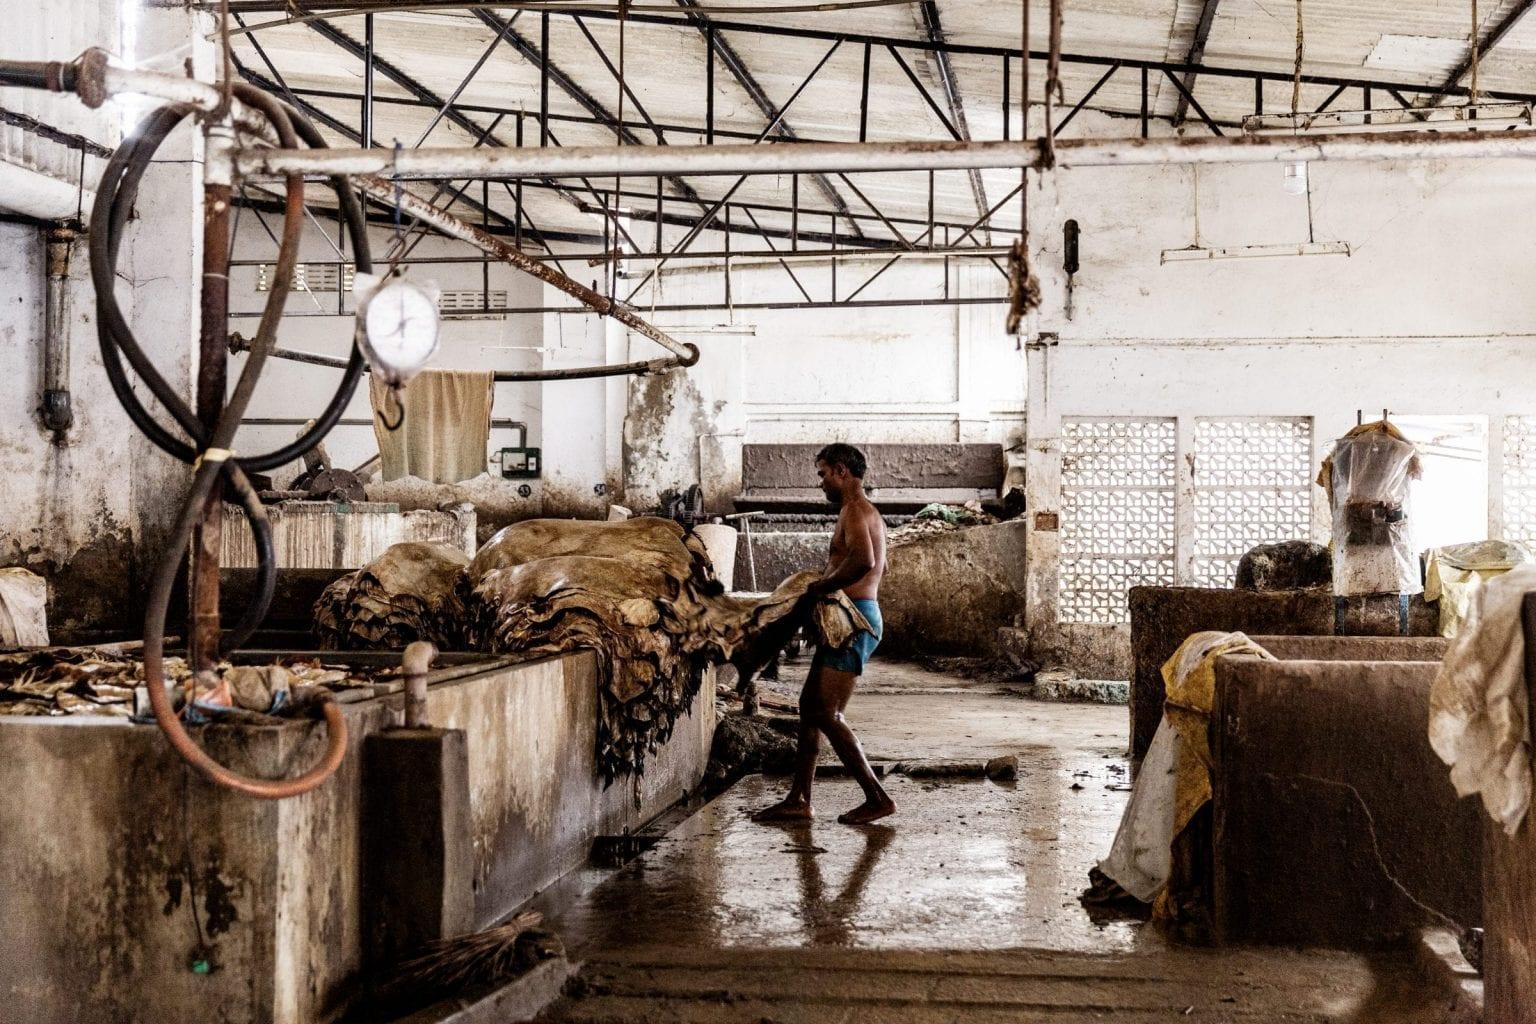 På garverierne bliver rå skind lavet om til færdigt læder. Læderet ender bla. på danske tøjmærkers fabrikker i Indien. Foto: Uffe Weng